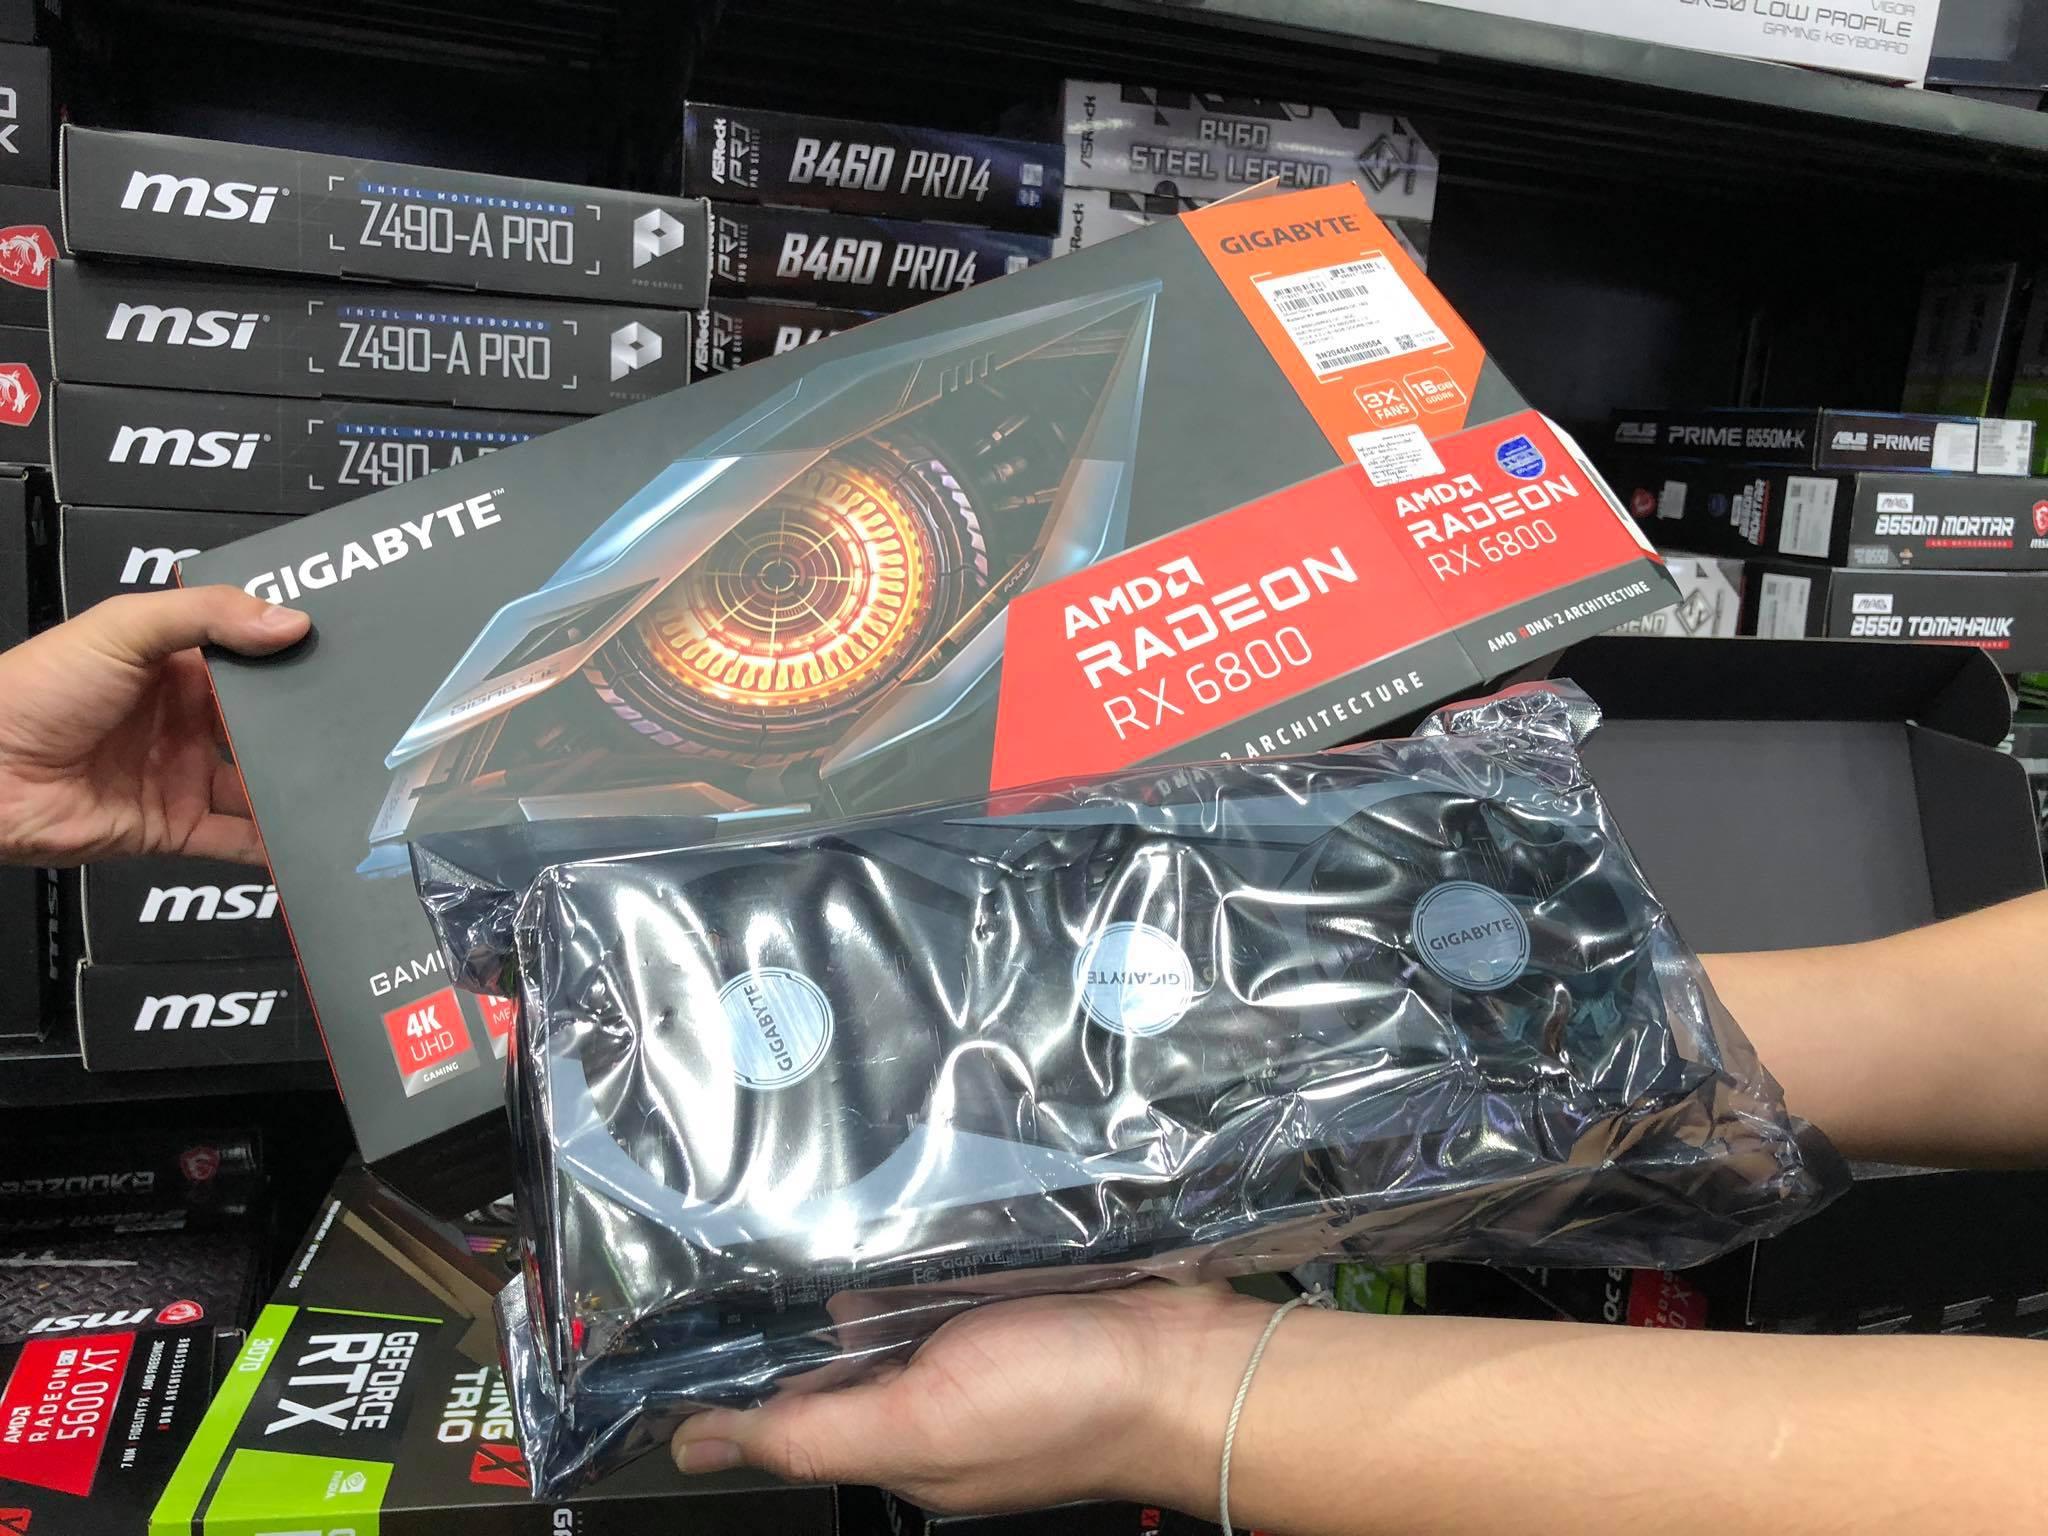 127651228 705787496711772 8698234254429956406 n ยลโฉมการ์ดจอ AMD RX 6800 มีขายแล้วที่งานคอมมาร์ท บูต IT CITY มีตัวเดียวในไทย ราคาอยู่ที่ 23,500 บาท!!!